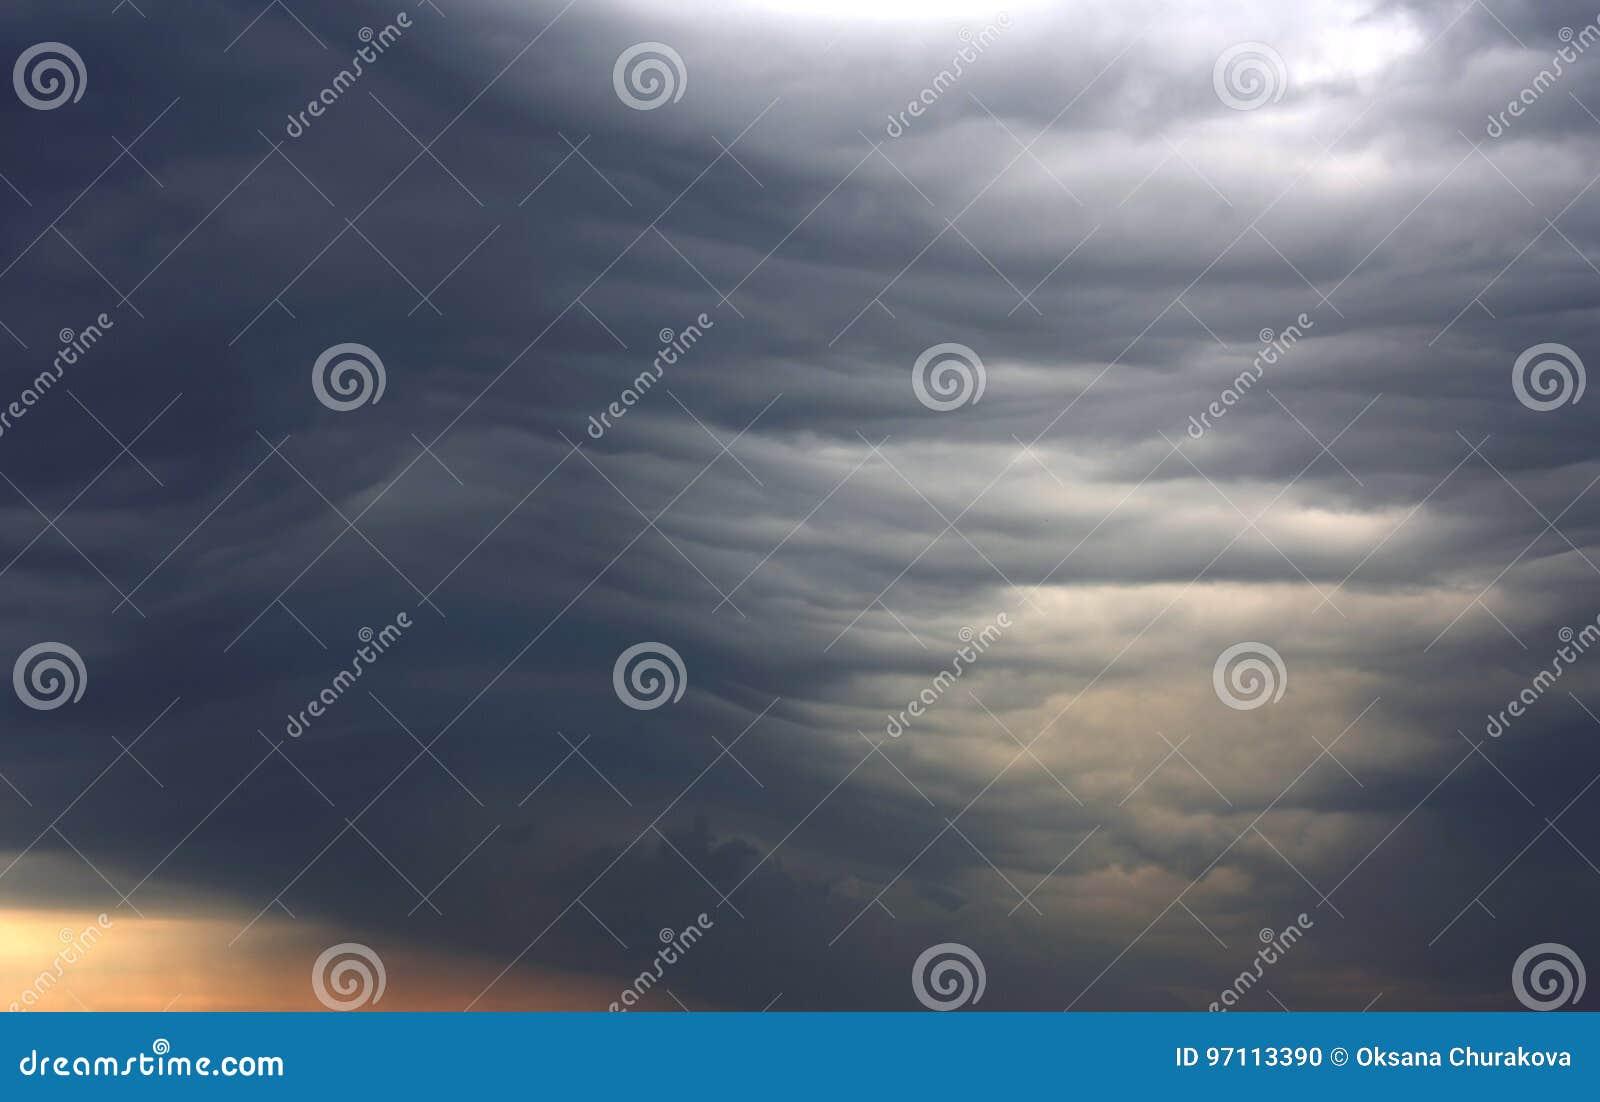 异常的深灰层云